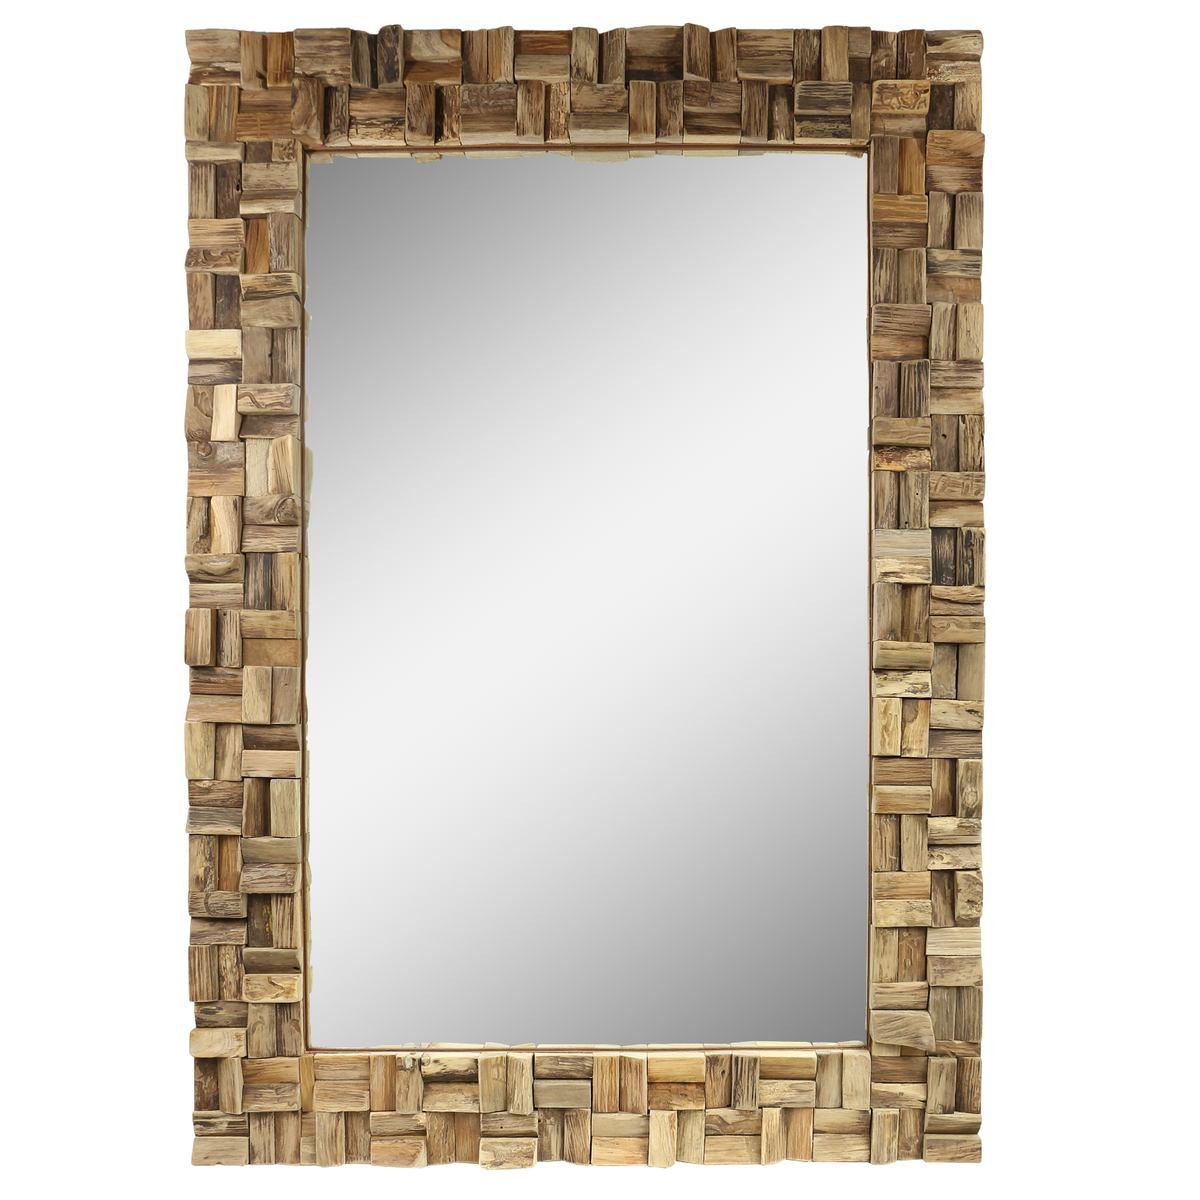 spiegel rahmen aus holzst cken thailand massiv holzrahmen wandspiegel holz spiegel ca 70 x 100. Black Bedroom Furniture Sets. Home Design Ideas